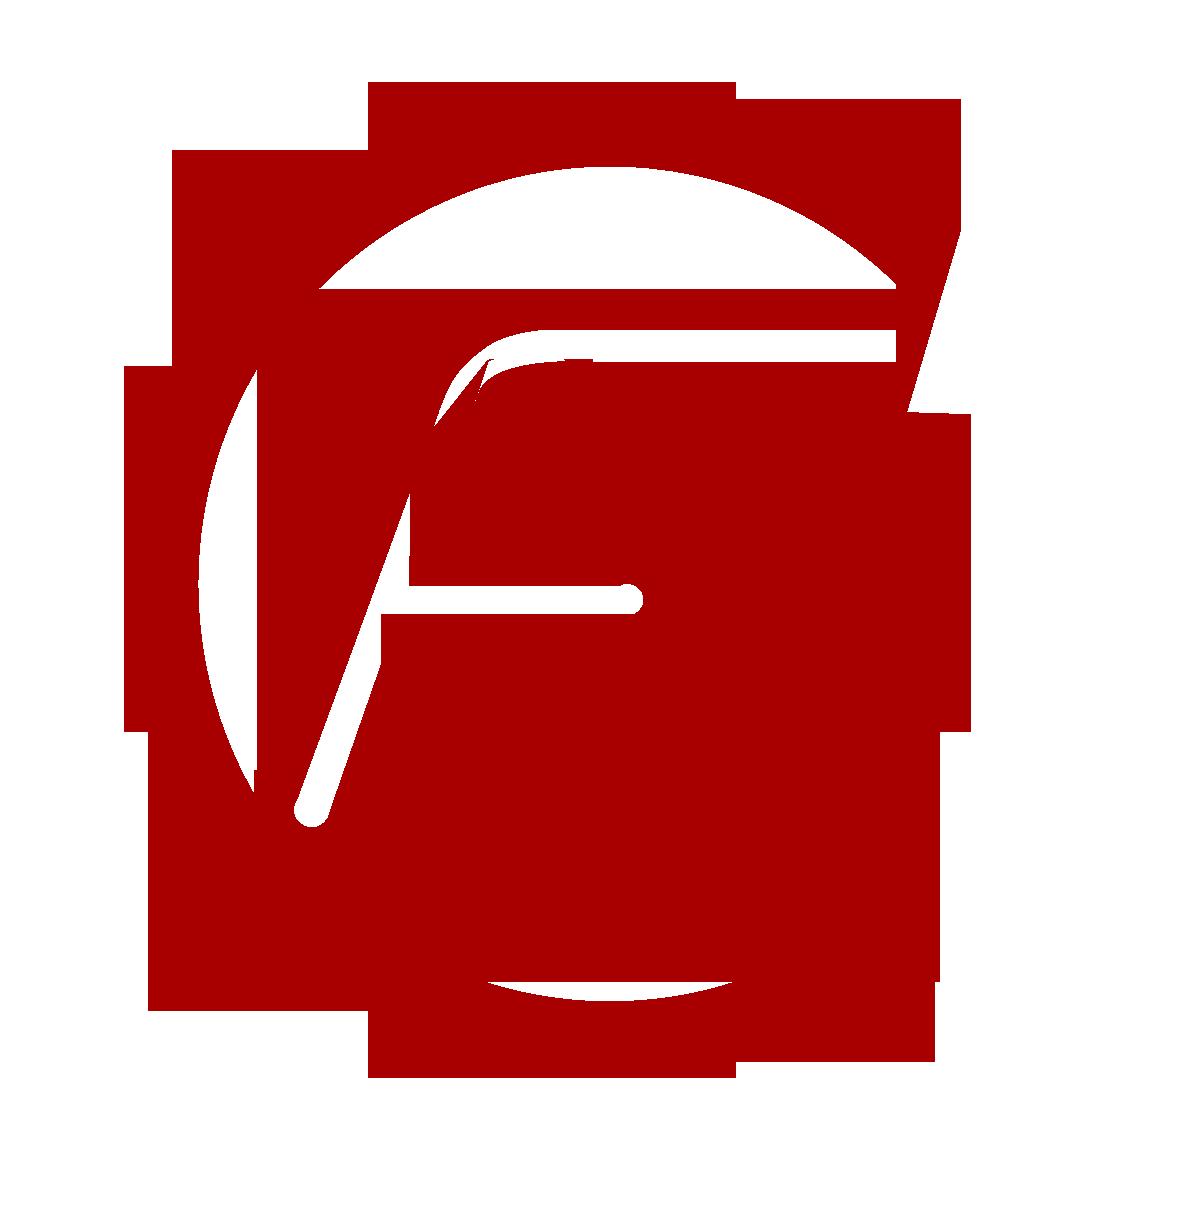 FTM PNG